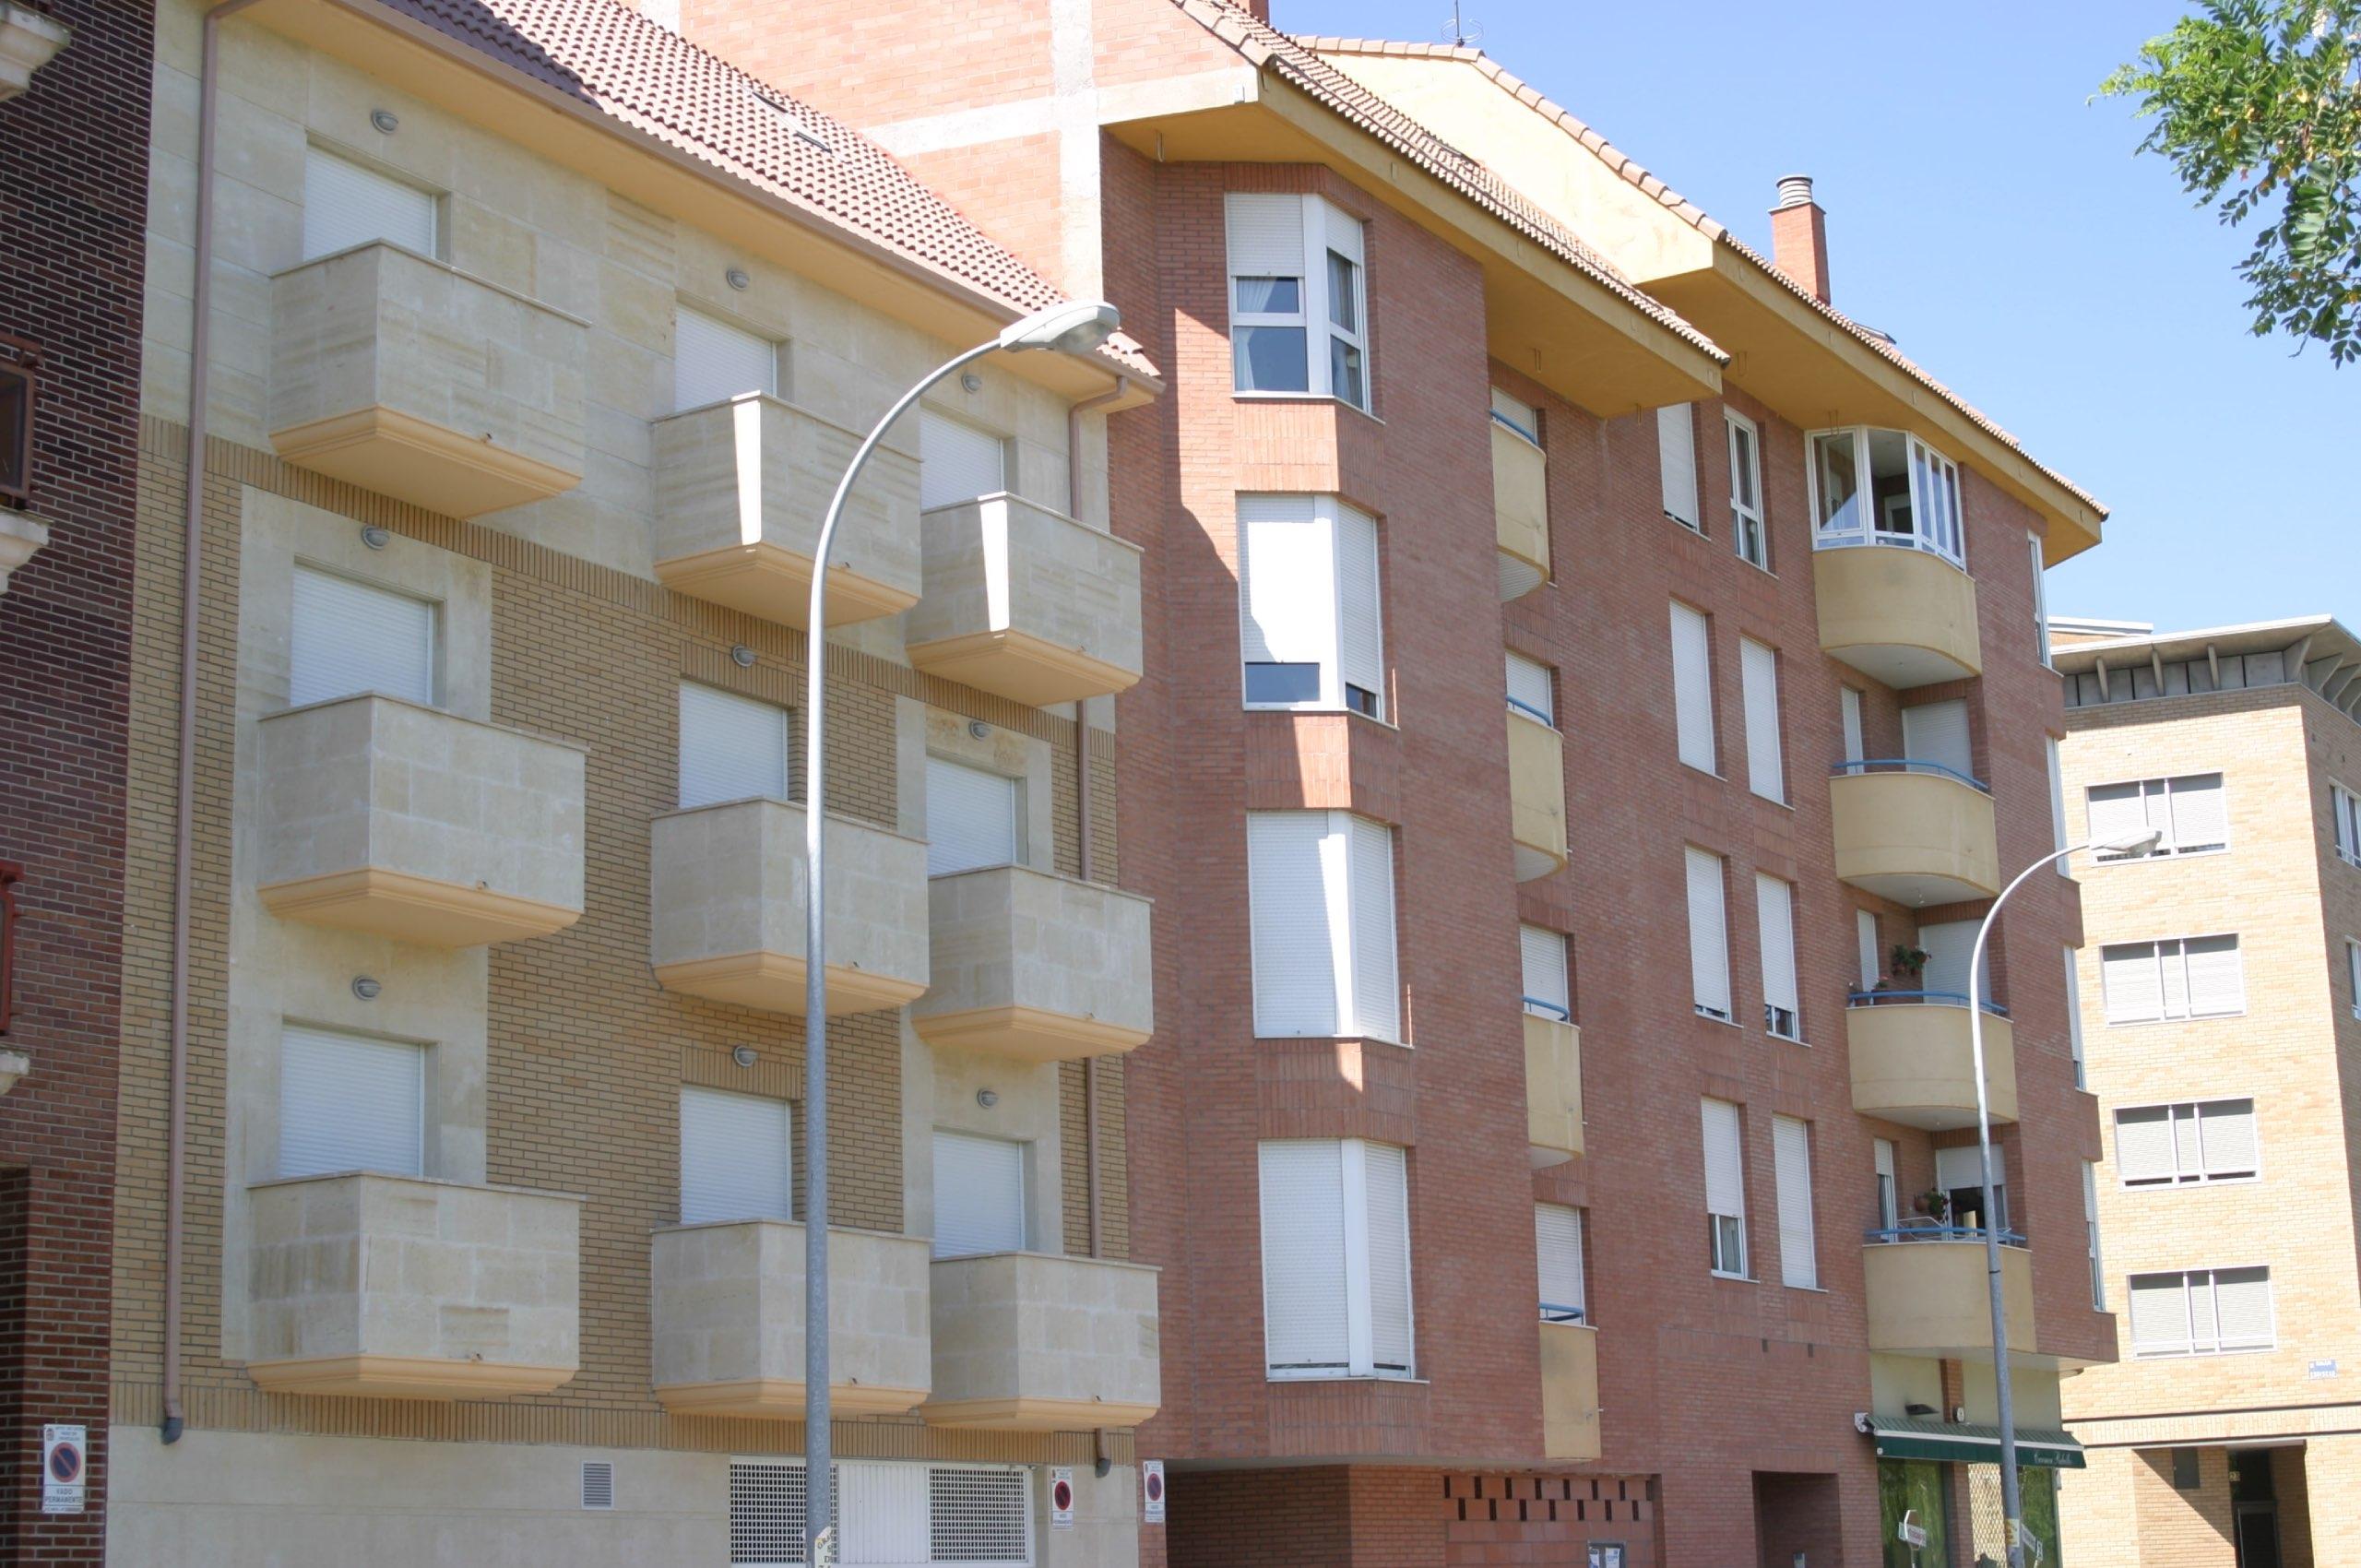 Edificio Palomera Leyco